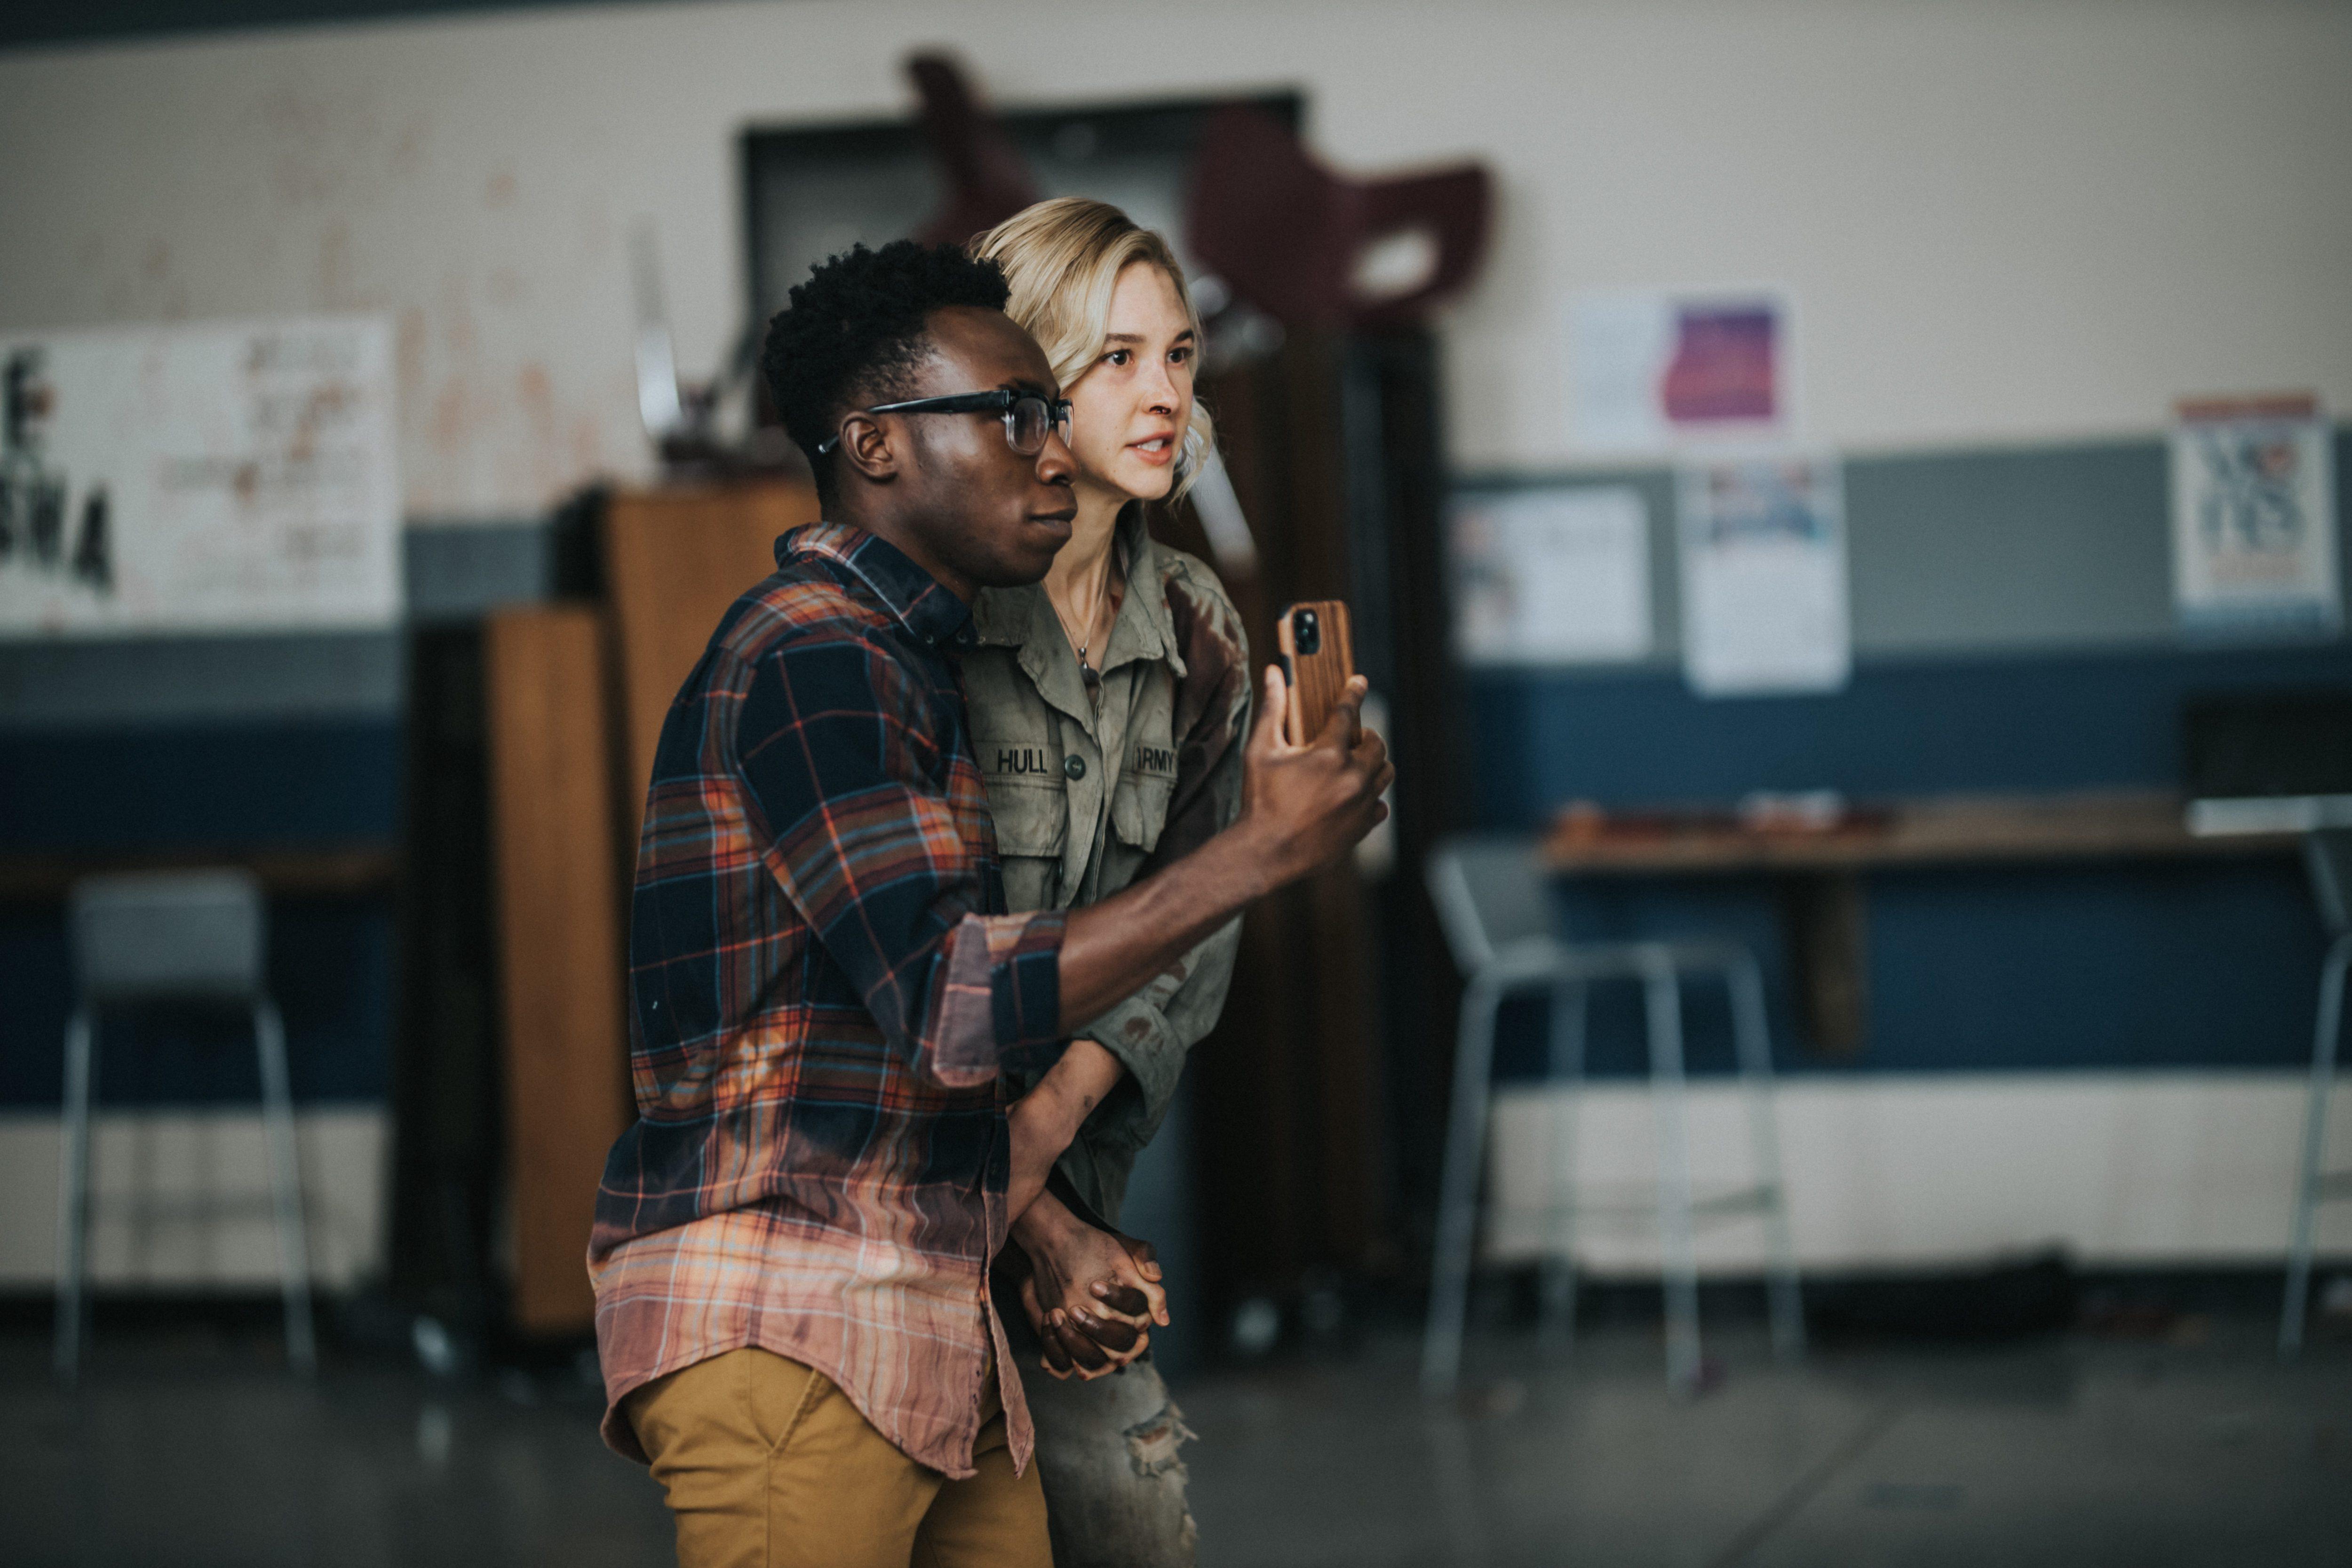 Zwei Jugendliche Hand in Hand in einem Klassenraum. Der Junge hat ein Smartphone ein der Hand